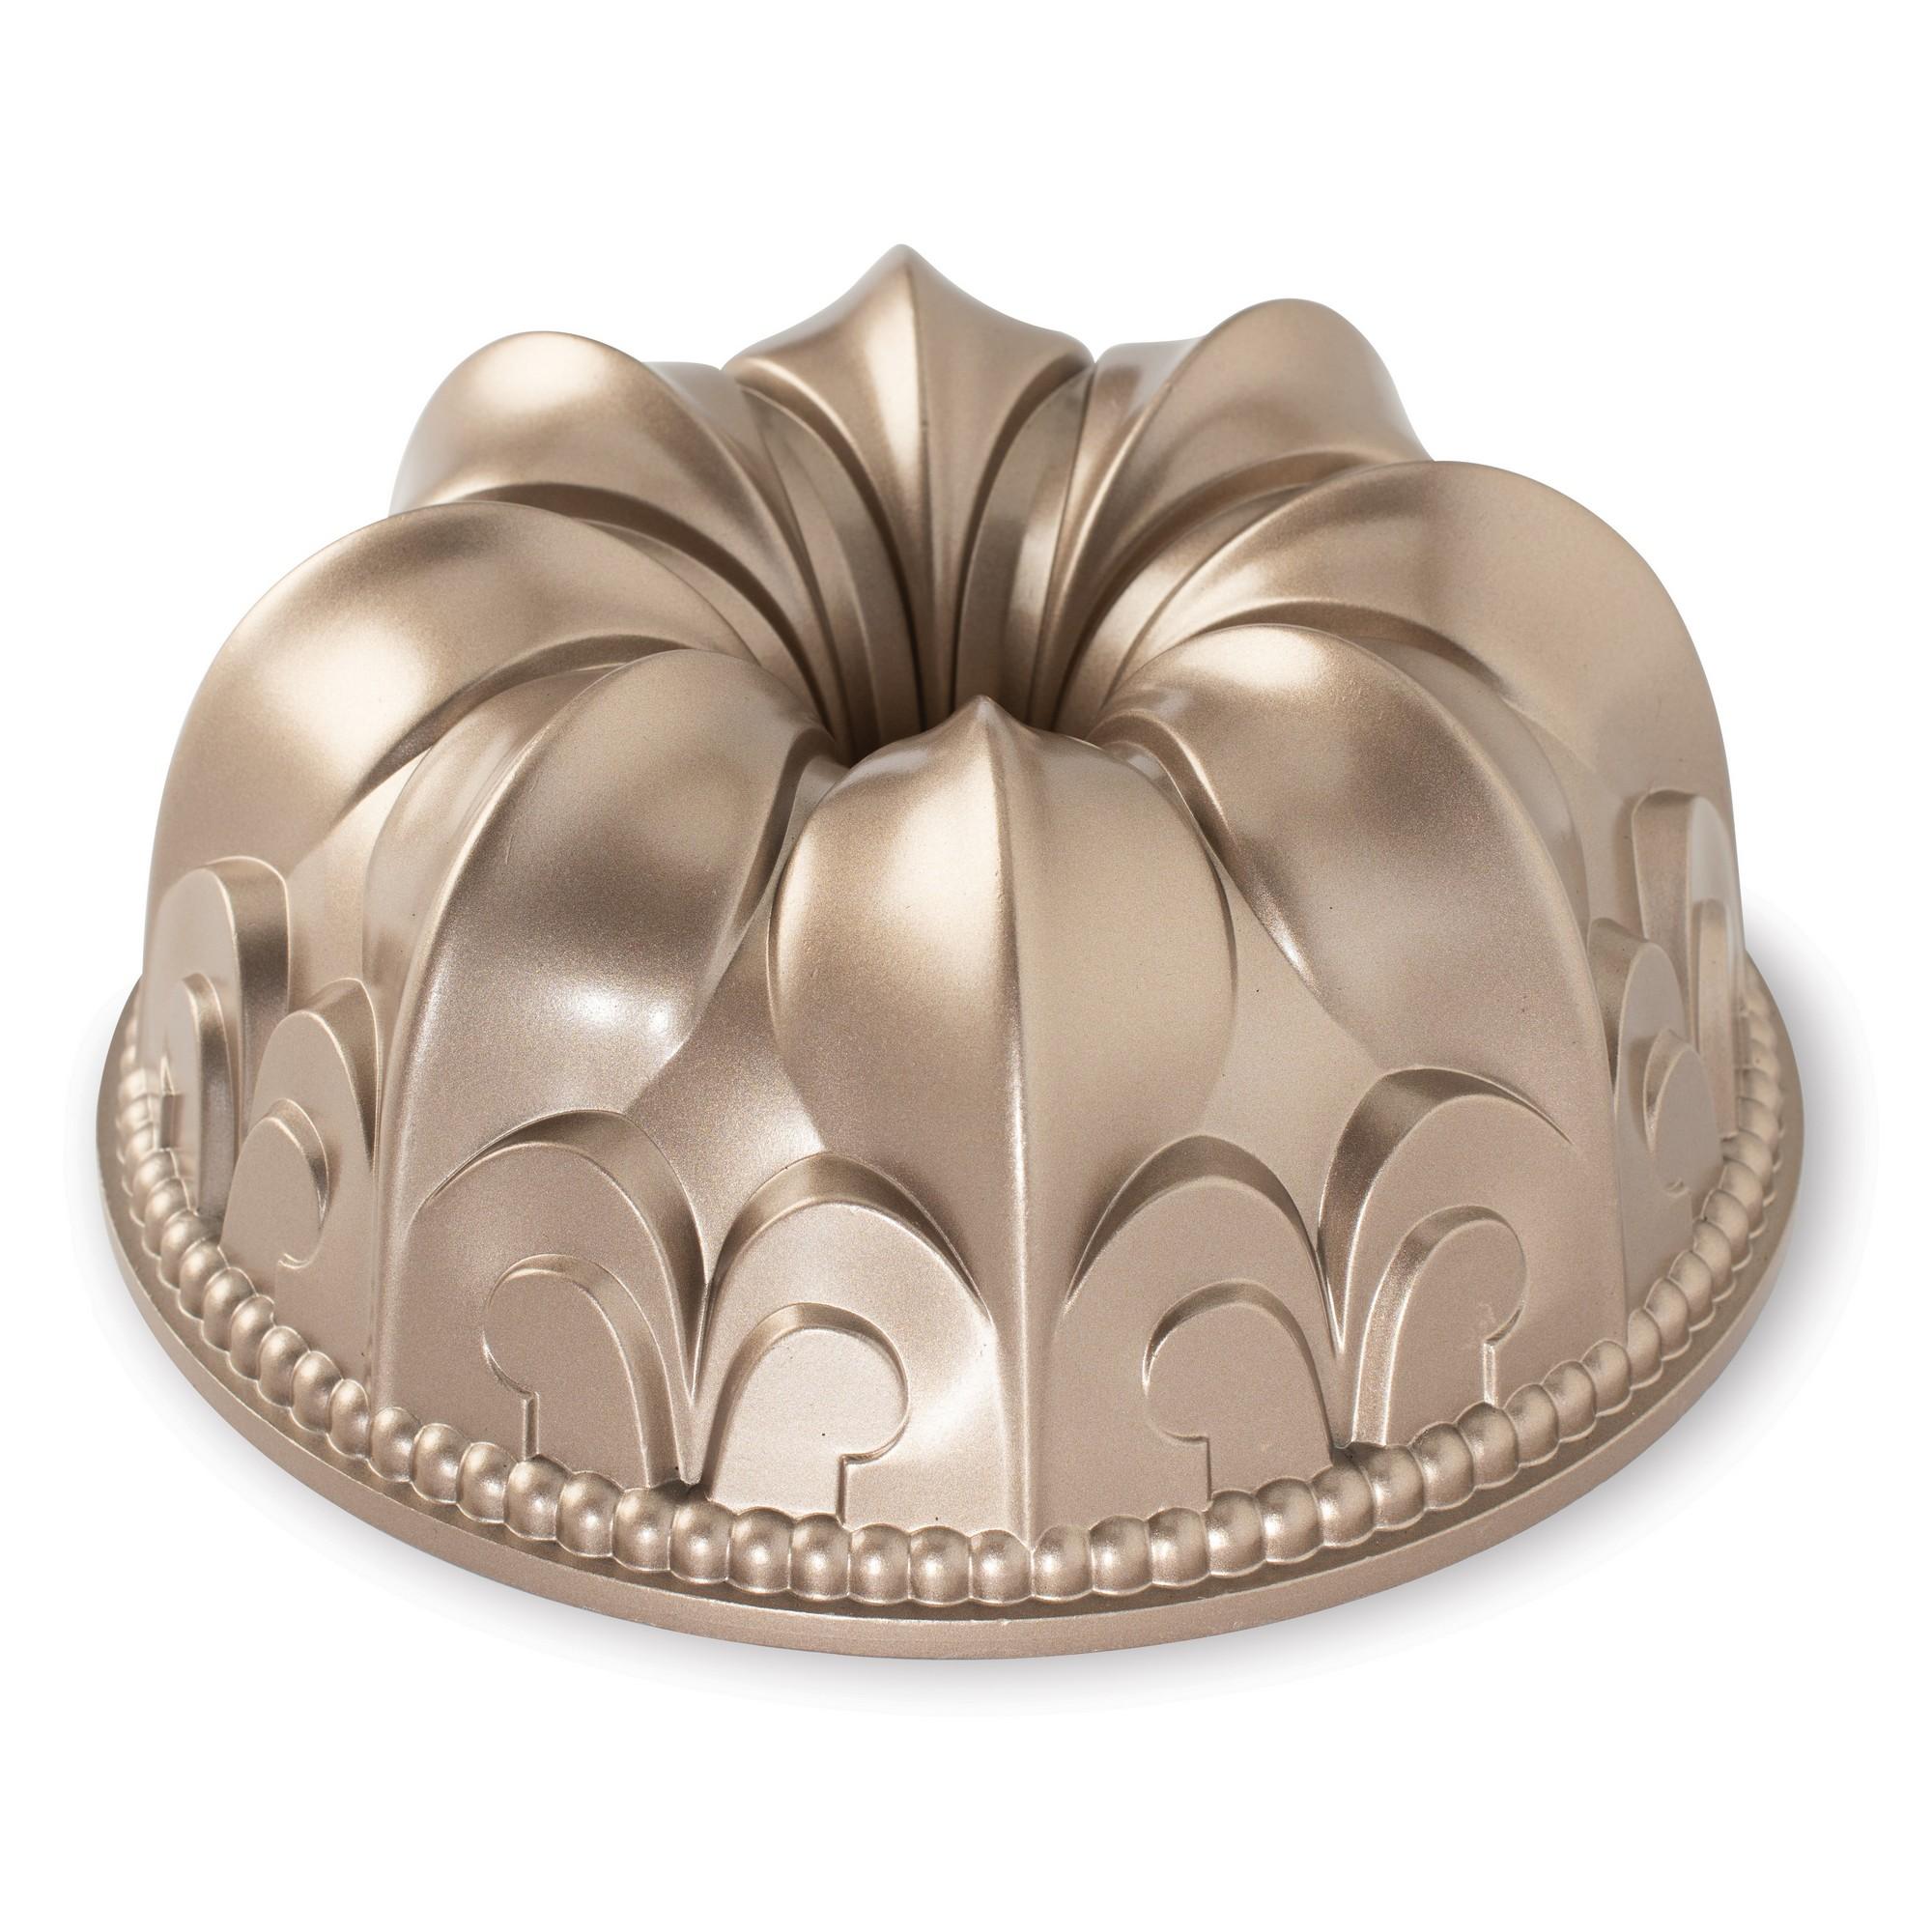 Fôrma para Bolo Nordic Ware Fleur de Lis Redonda 24cm Toffee de Alumínio Fundido